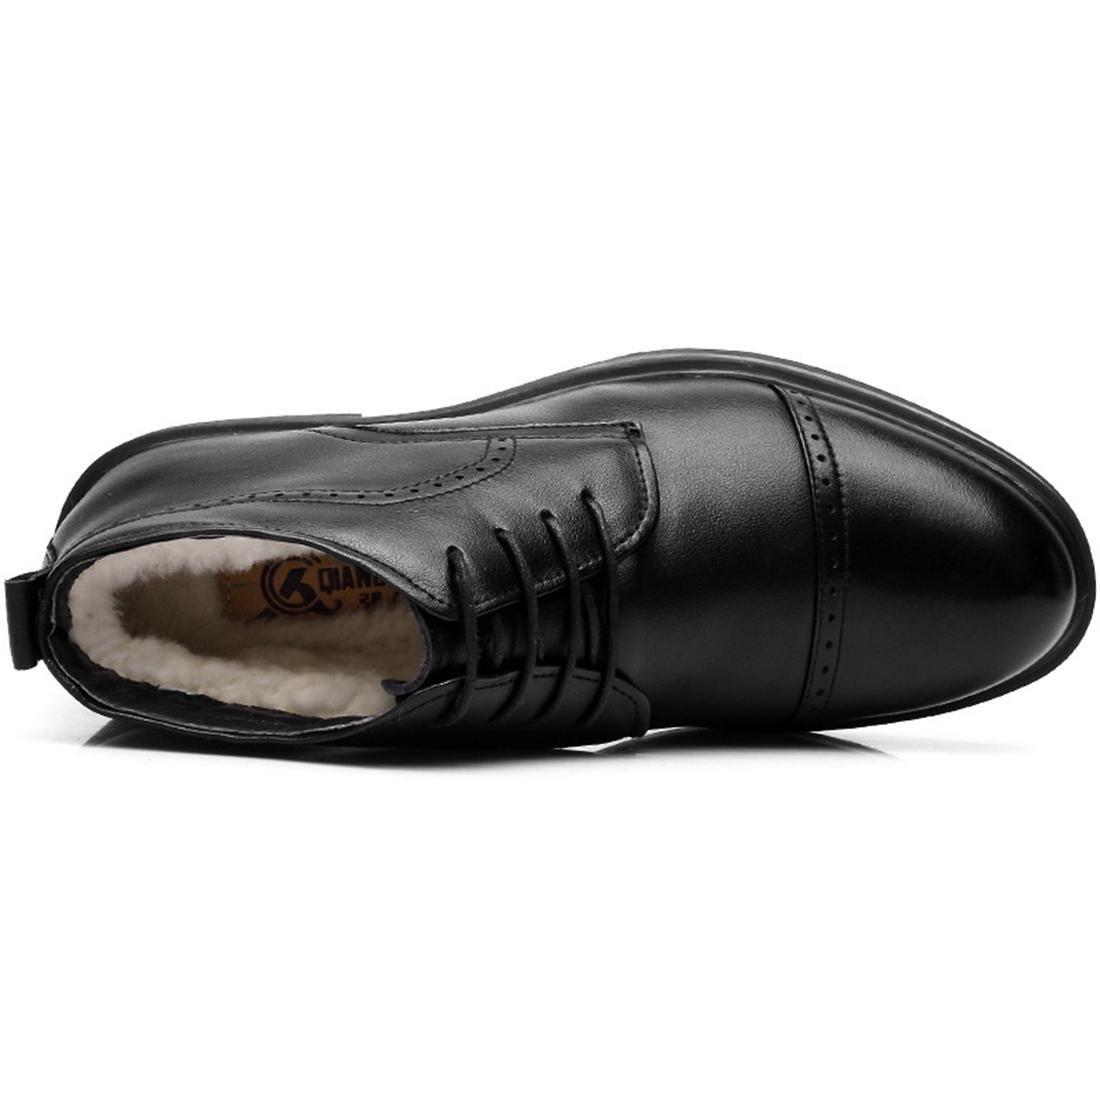 Herren Herren Herren Winter Plus Kaschmir Formelle Kleidung Lederschuhe Warm halten Stiefel Werkzeug Schuhe Dicker Boden Schuhe erhöhen Geschäft EUR GRÖSSE 39-44 c55e3c